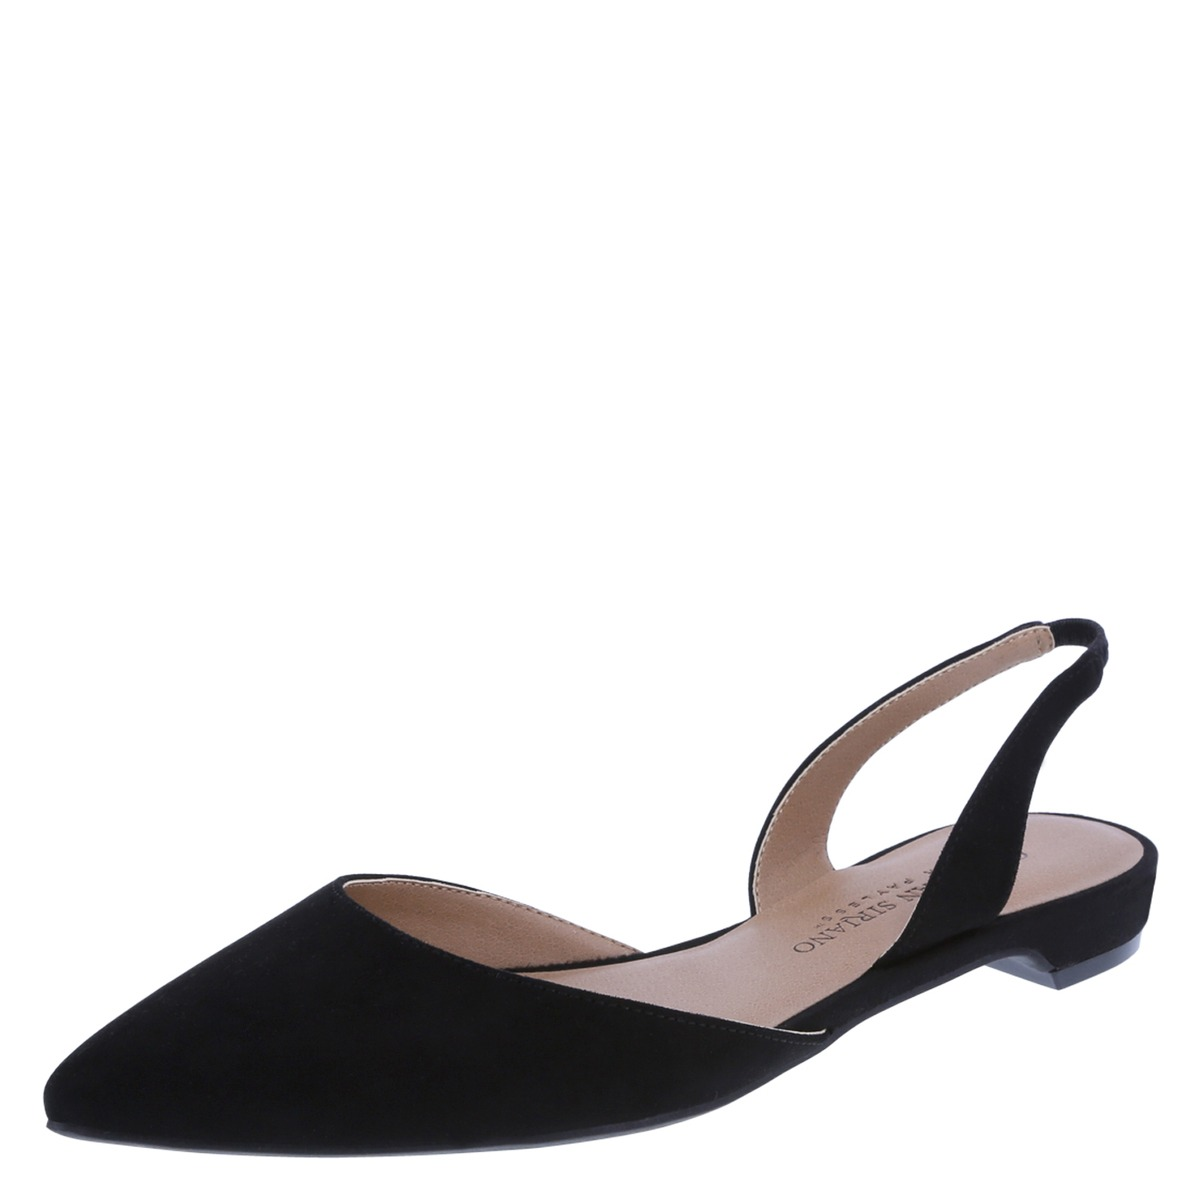 f04165f4471e Zapatos Mujer Christian Siriano Betty -   13.990 en Mercado Libre